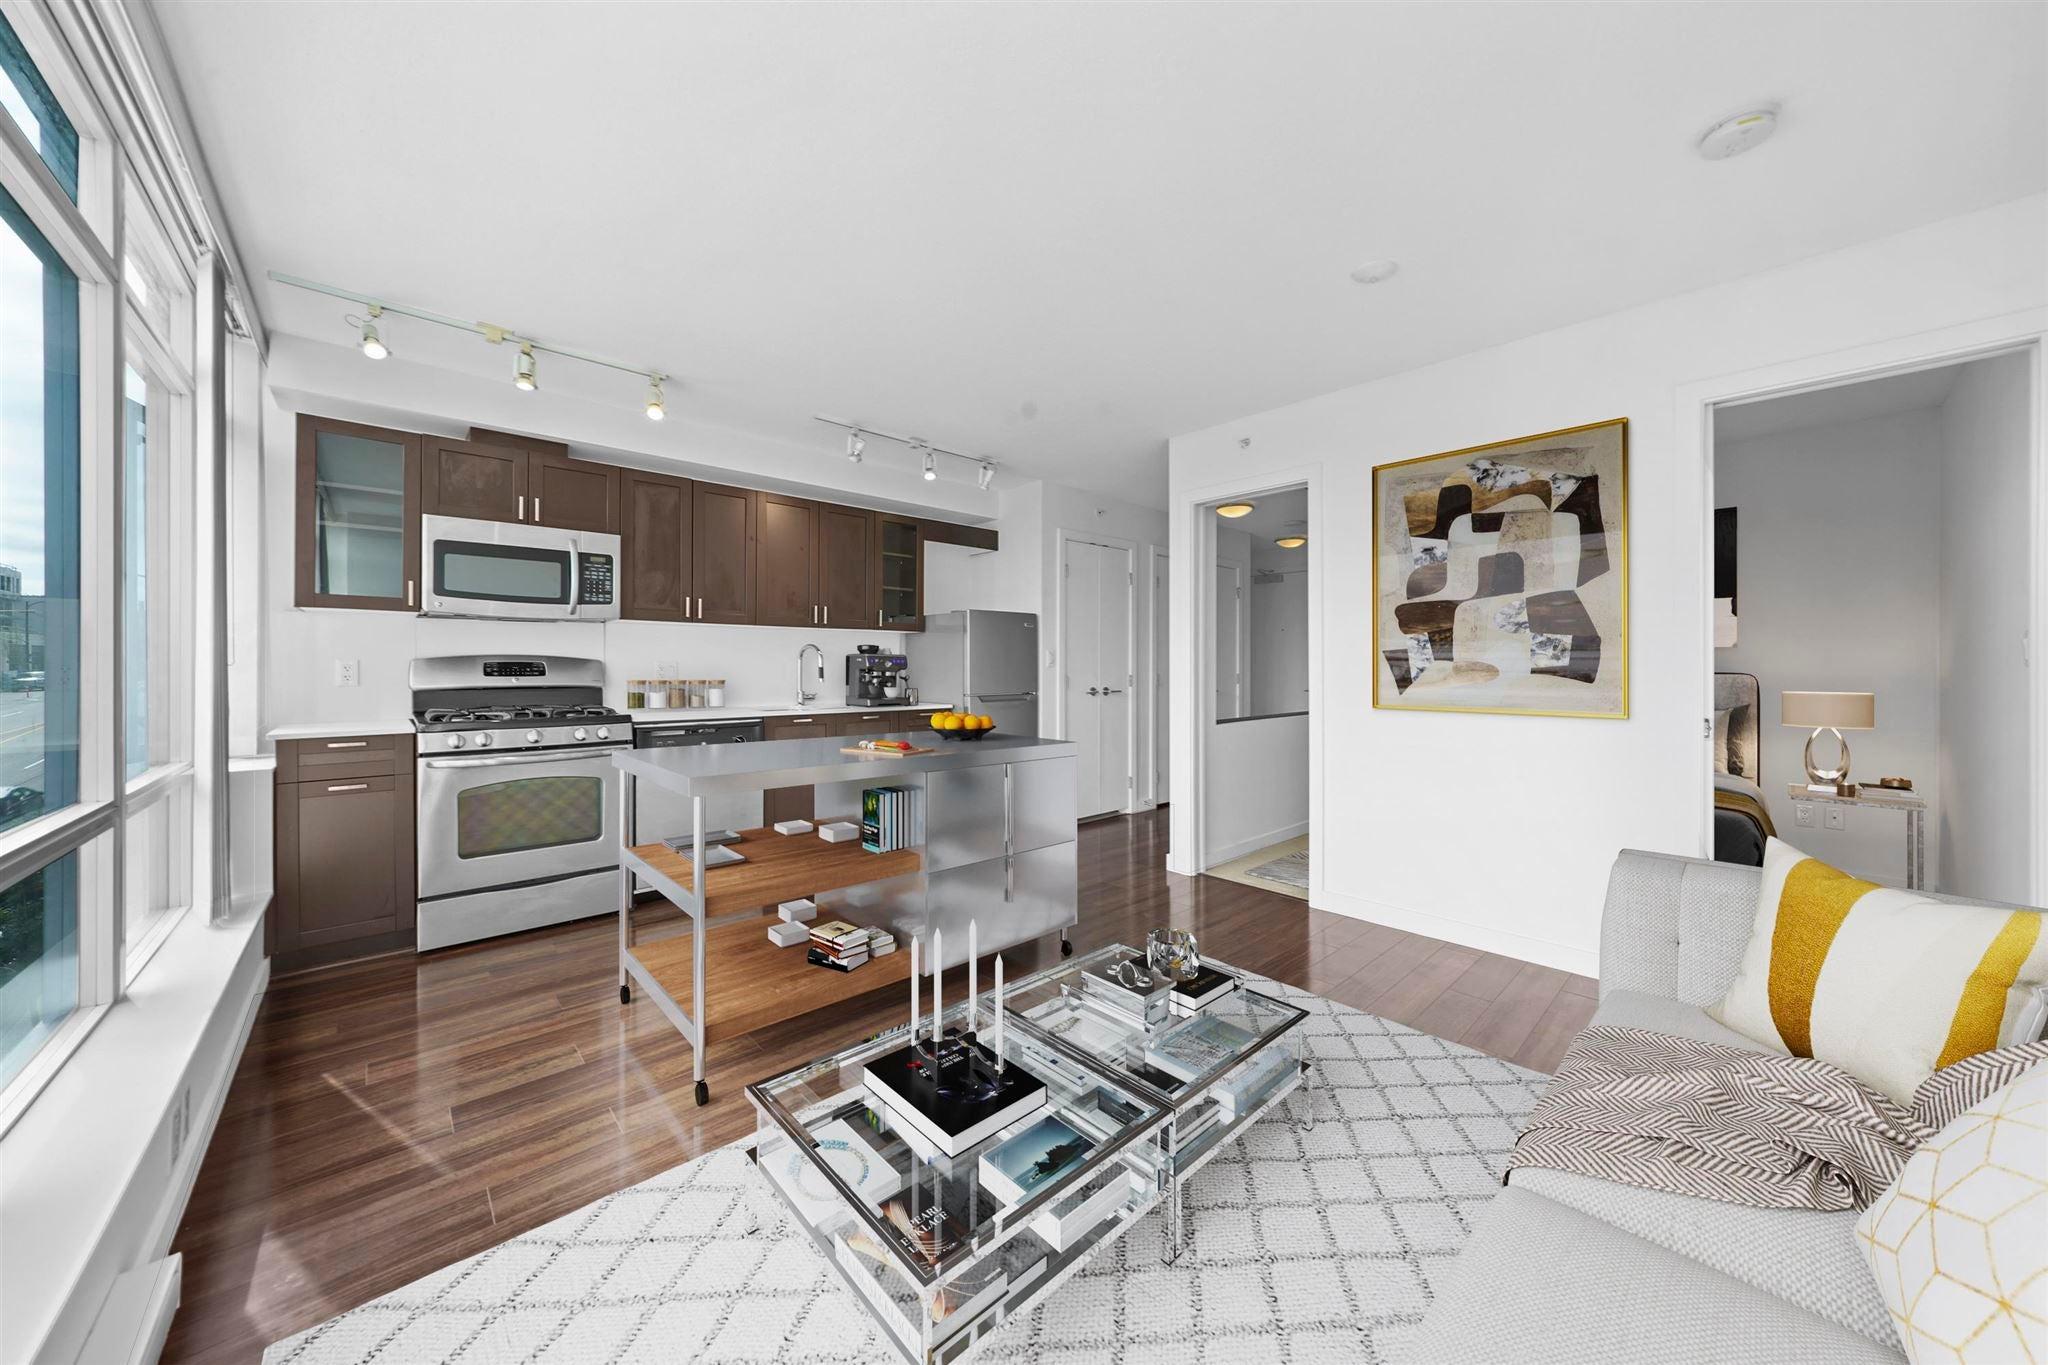 208 4818 ELDORADO MEWS - Collingwood VE Apartment/Condo for sale, 1 Bedroom (R2602772) - #1